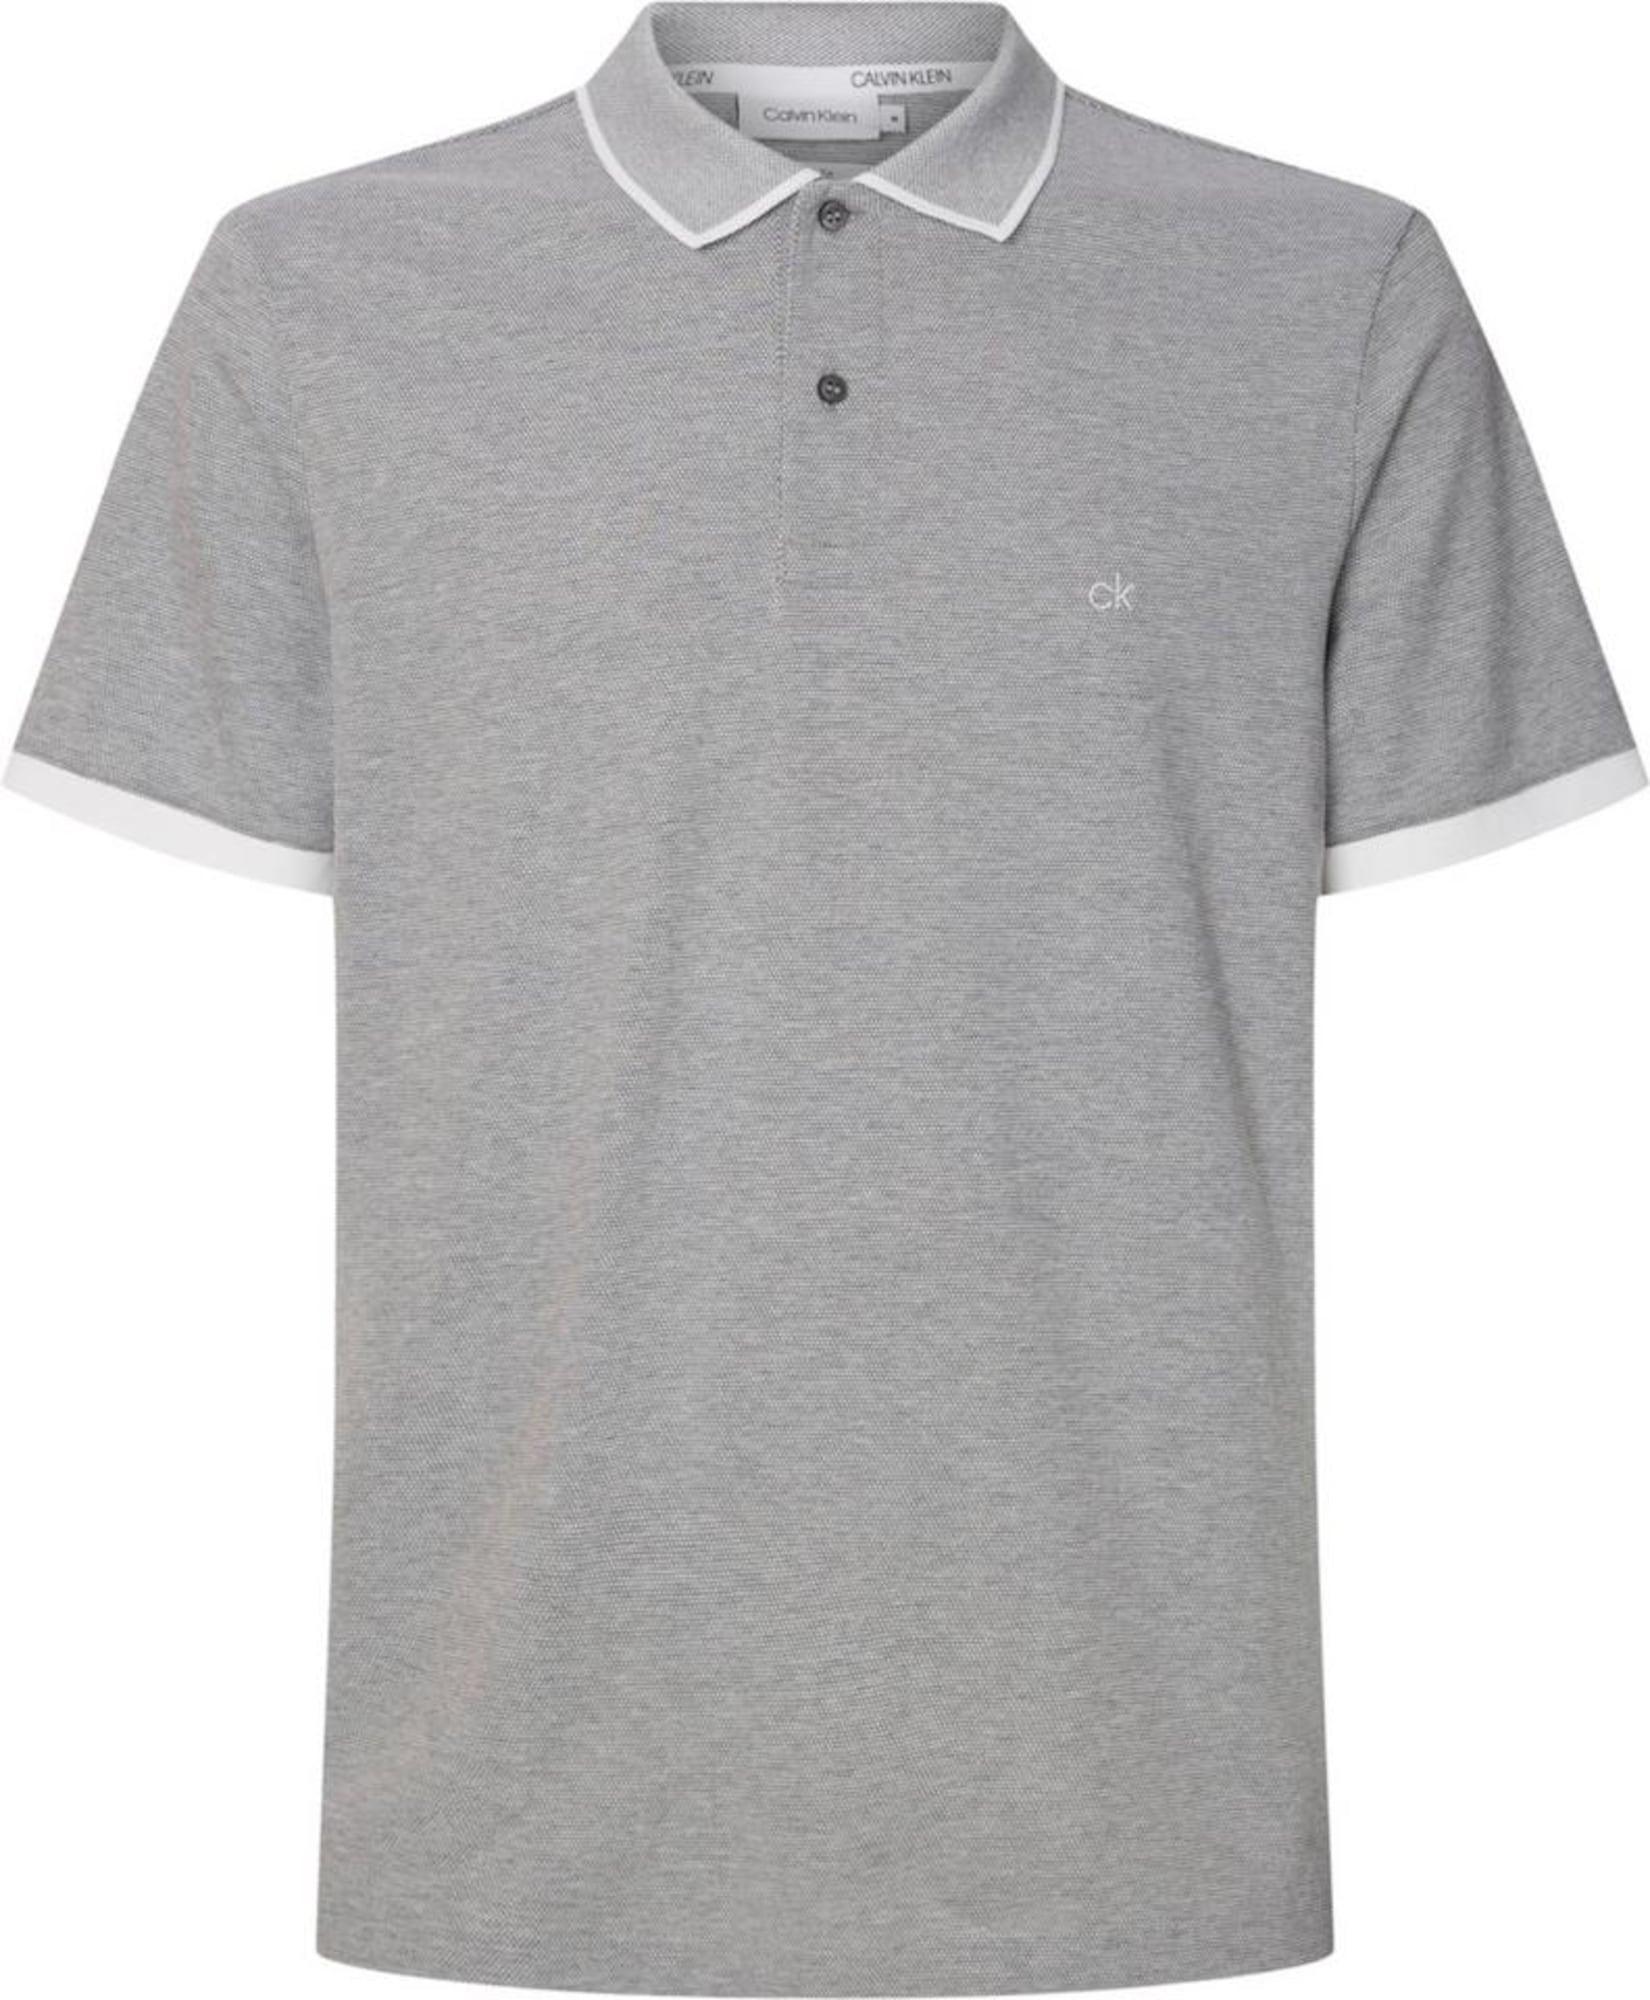 Calvin Klein Marškinėliai natūrali balta / pilka